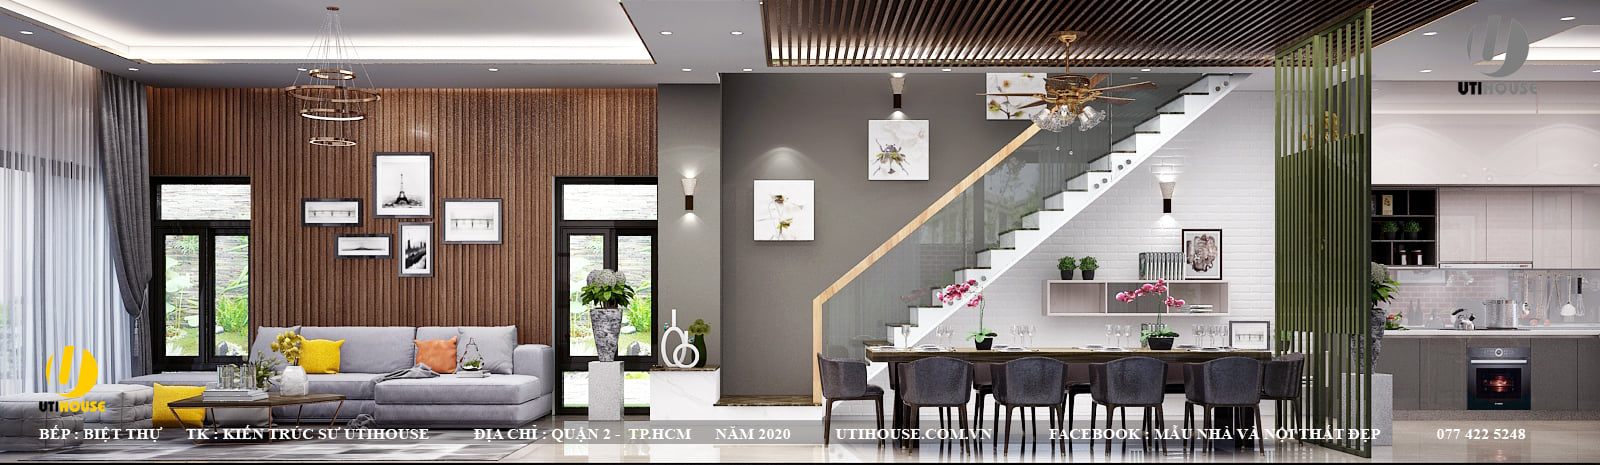 Mẫu thiết kế nội thất cao cấp sang trọng bậc nhất năm 2021